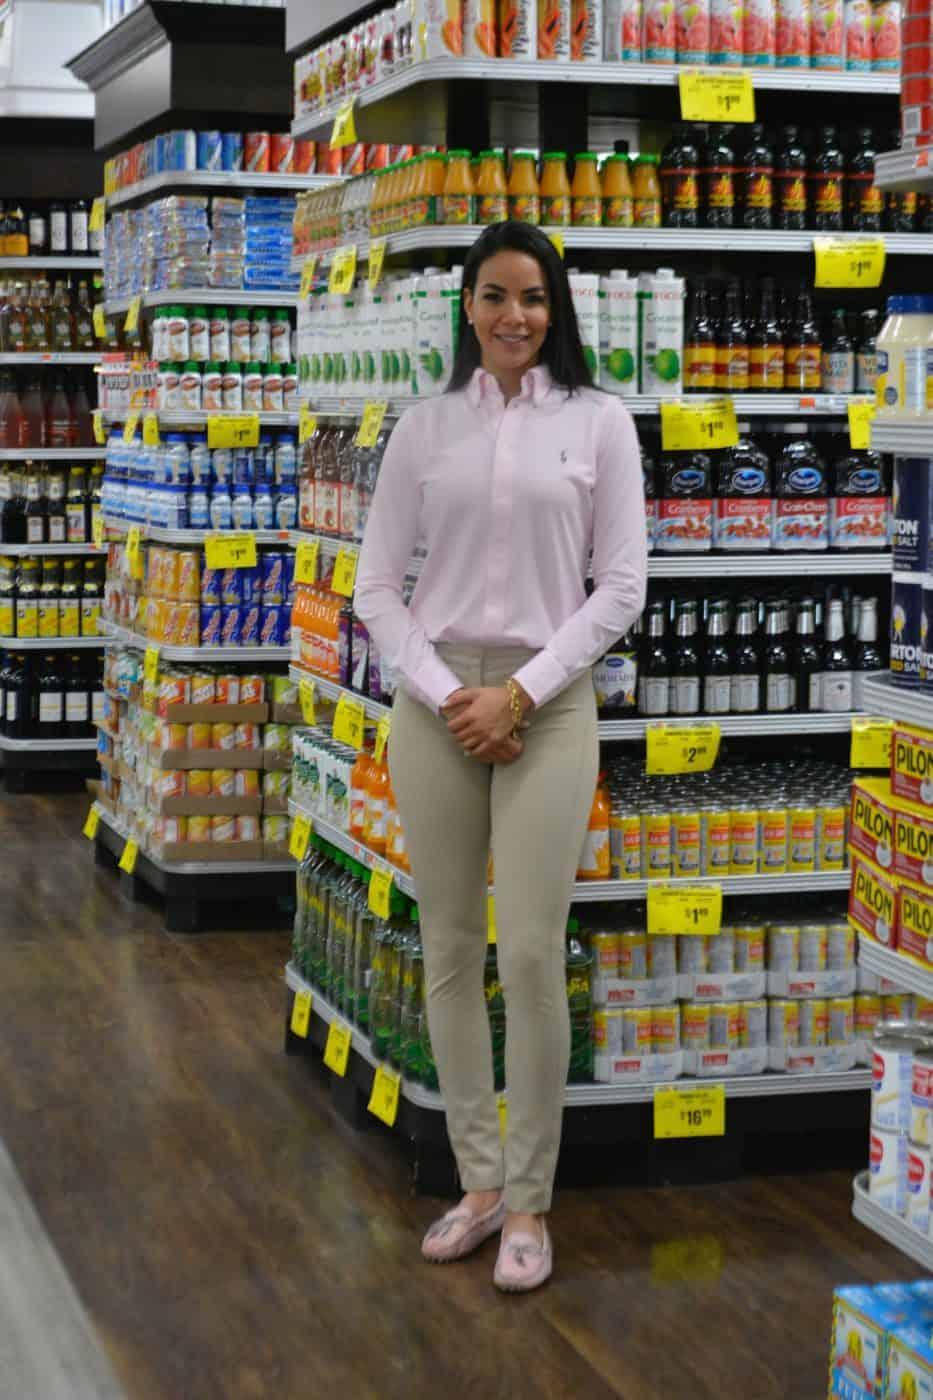 Relinda Vásquez Supermercado Bravo